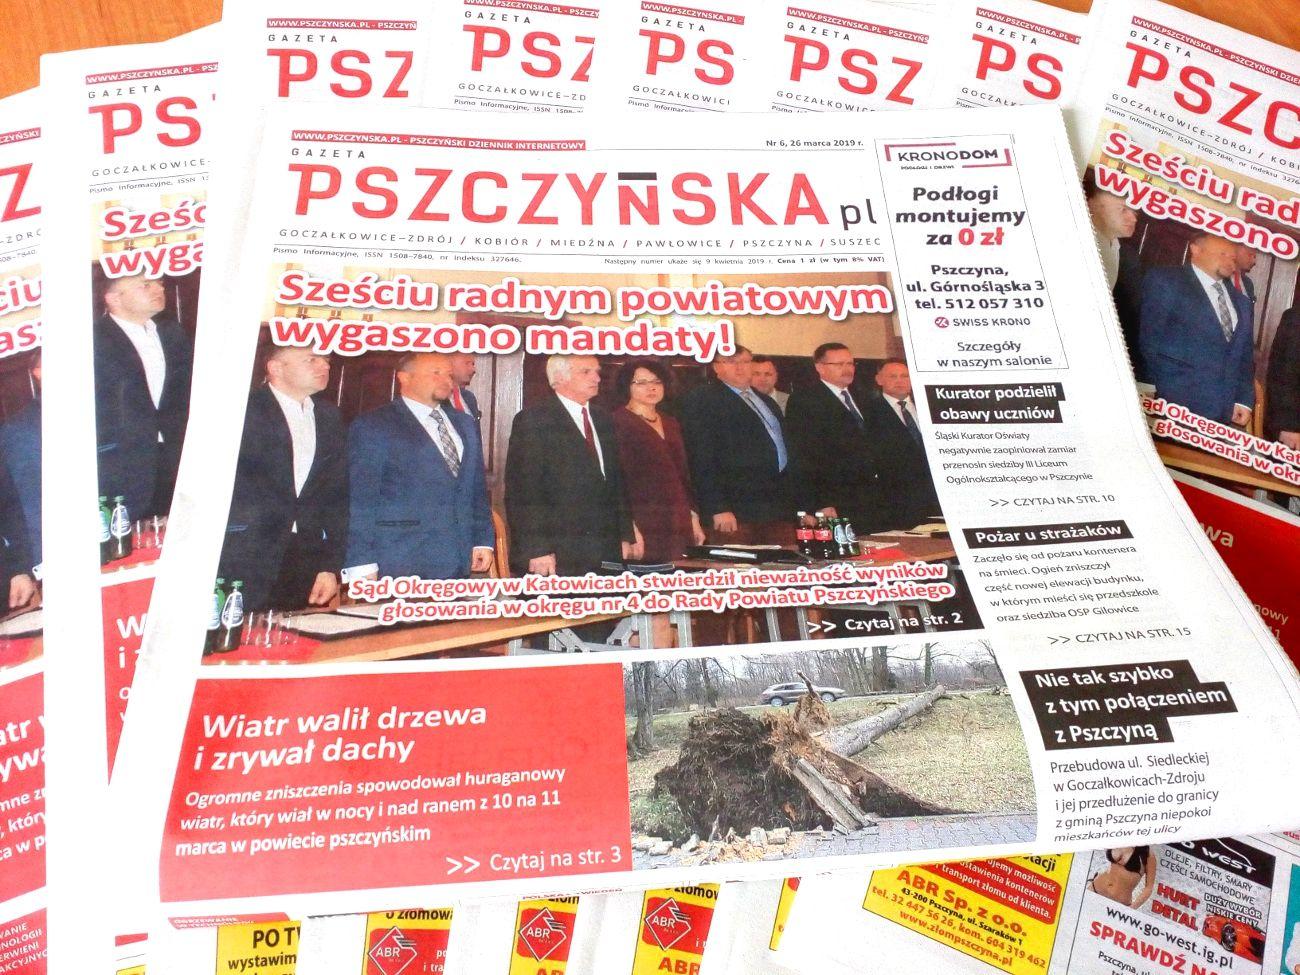 Nowy numer Gazety Pszczyńskiej: zapraszamy do lektury!